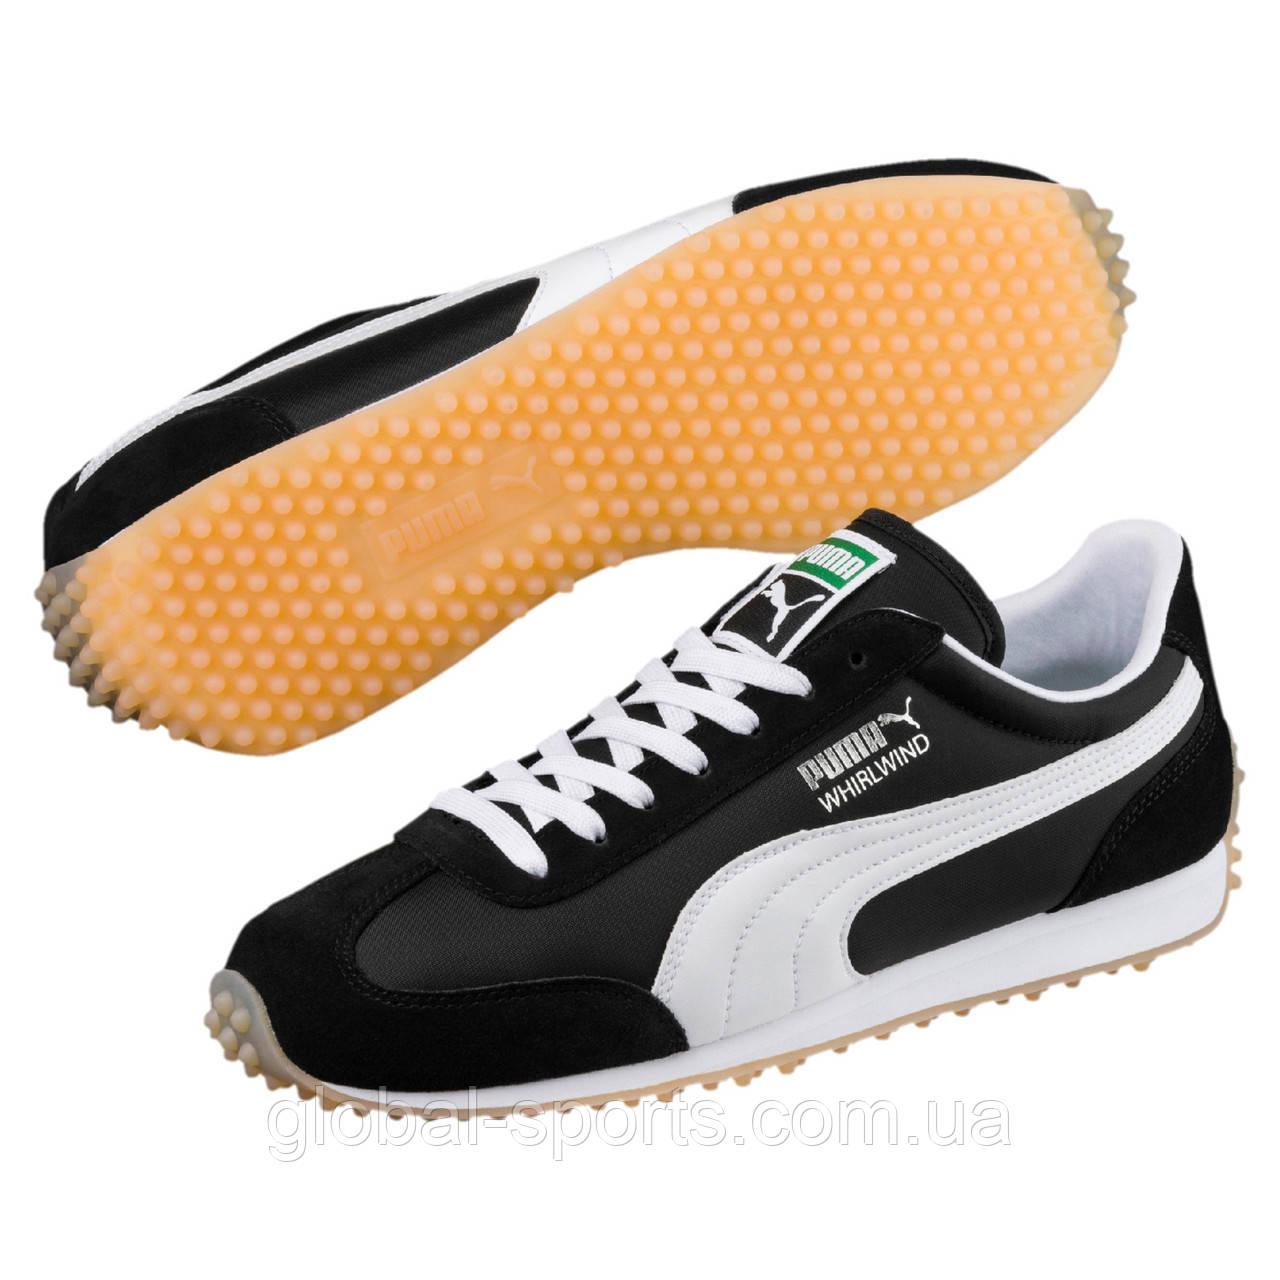 Мужские кроссовки Puma Whirlwind Classic (Артикул: 35129390)